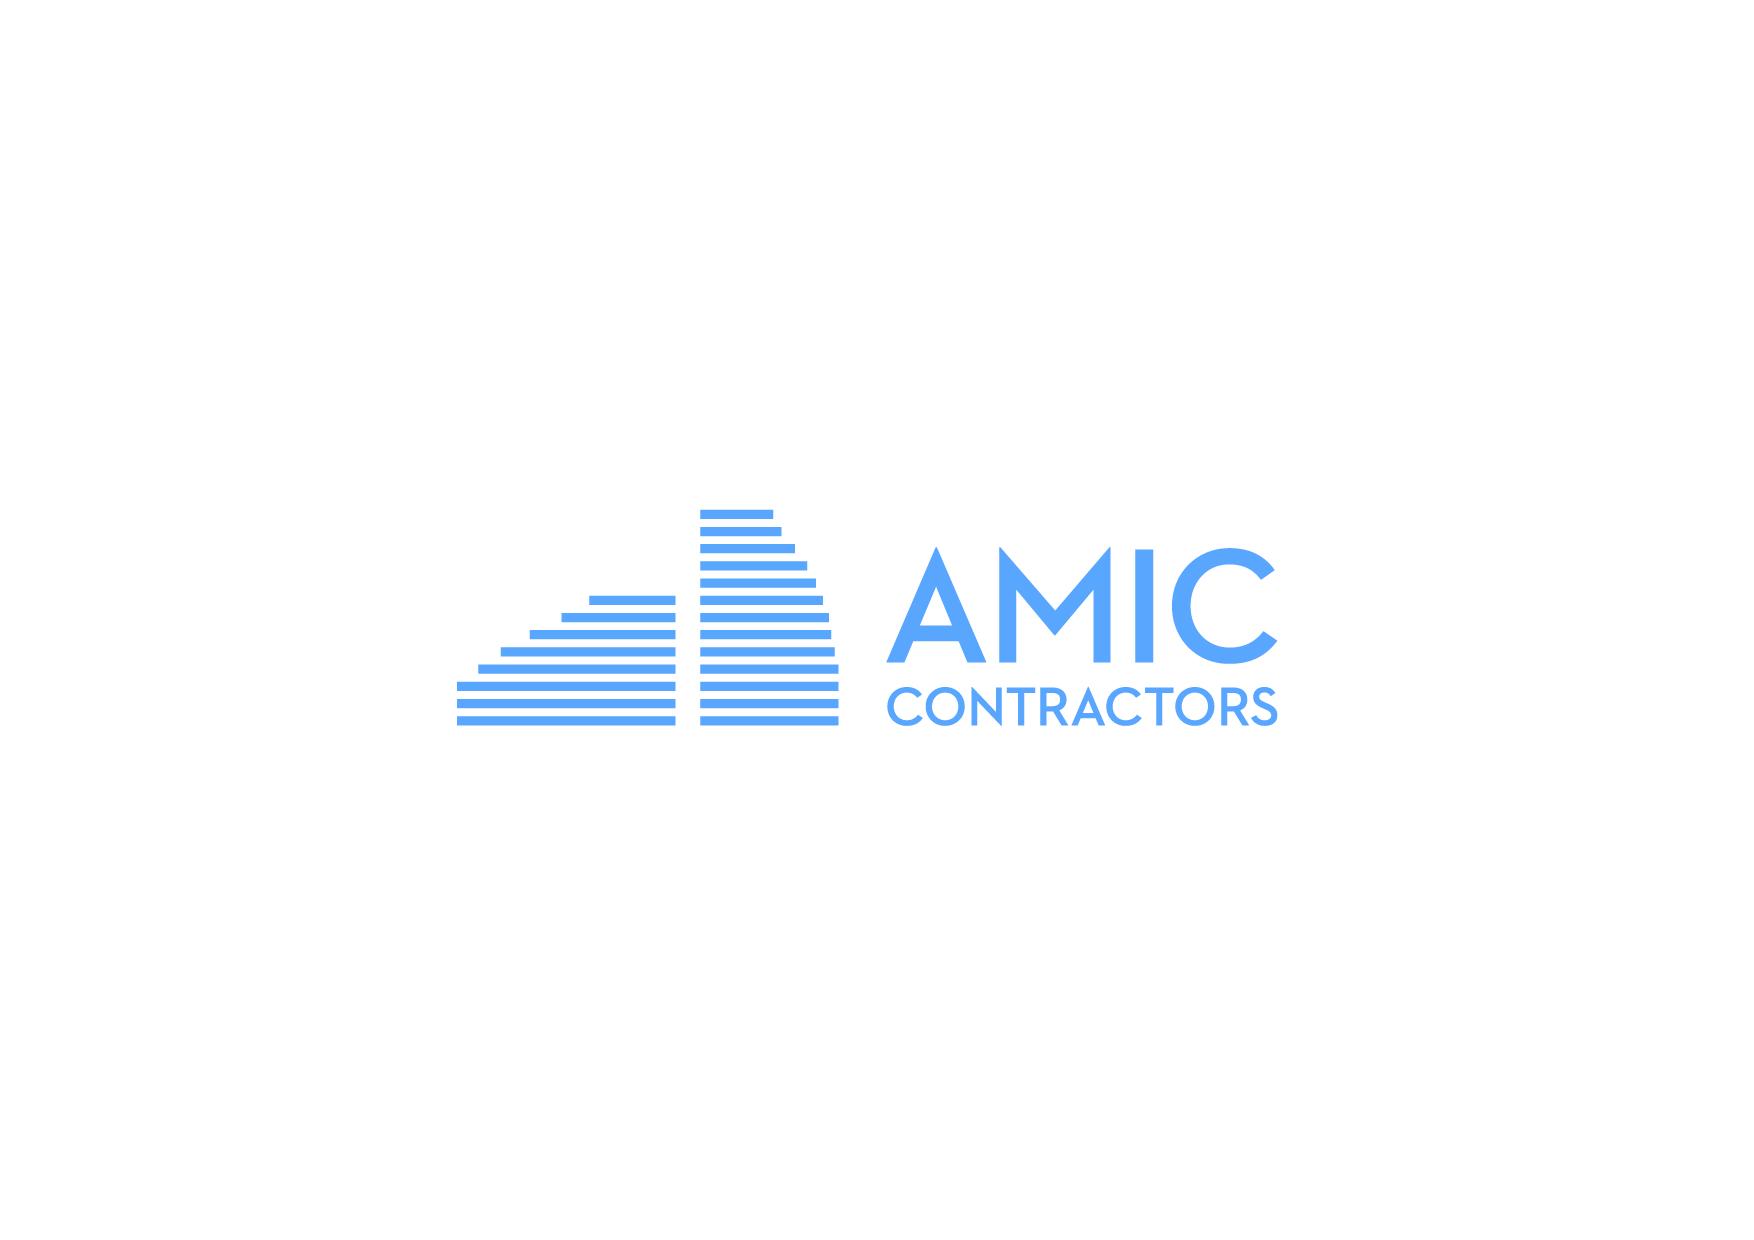 AMIC Contractors